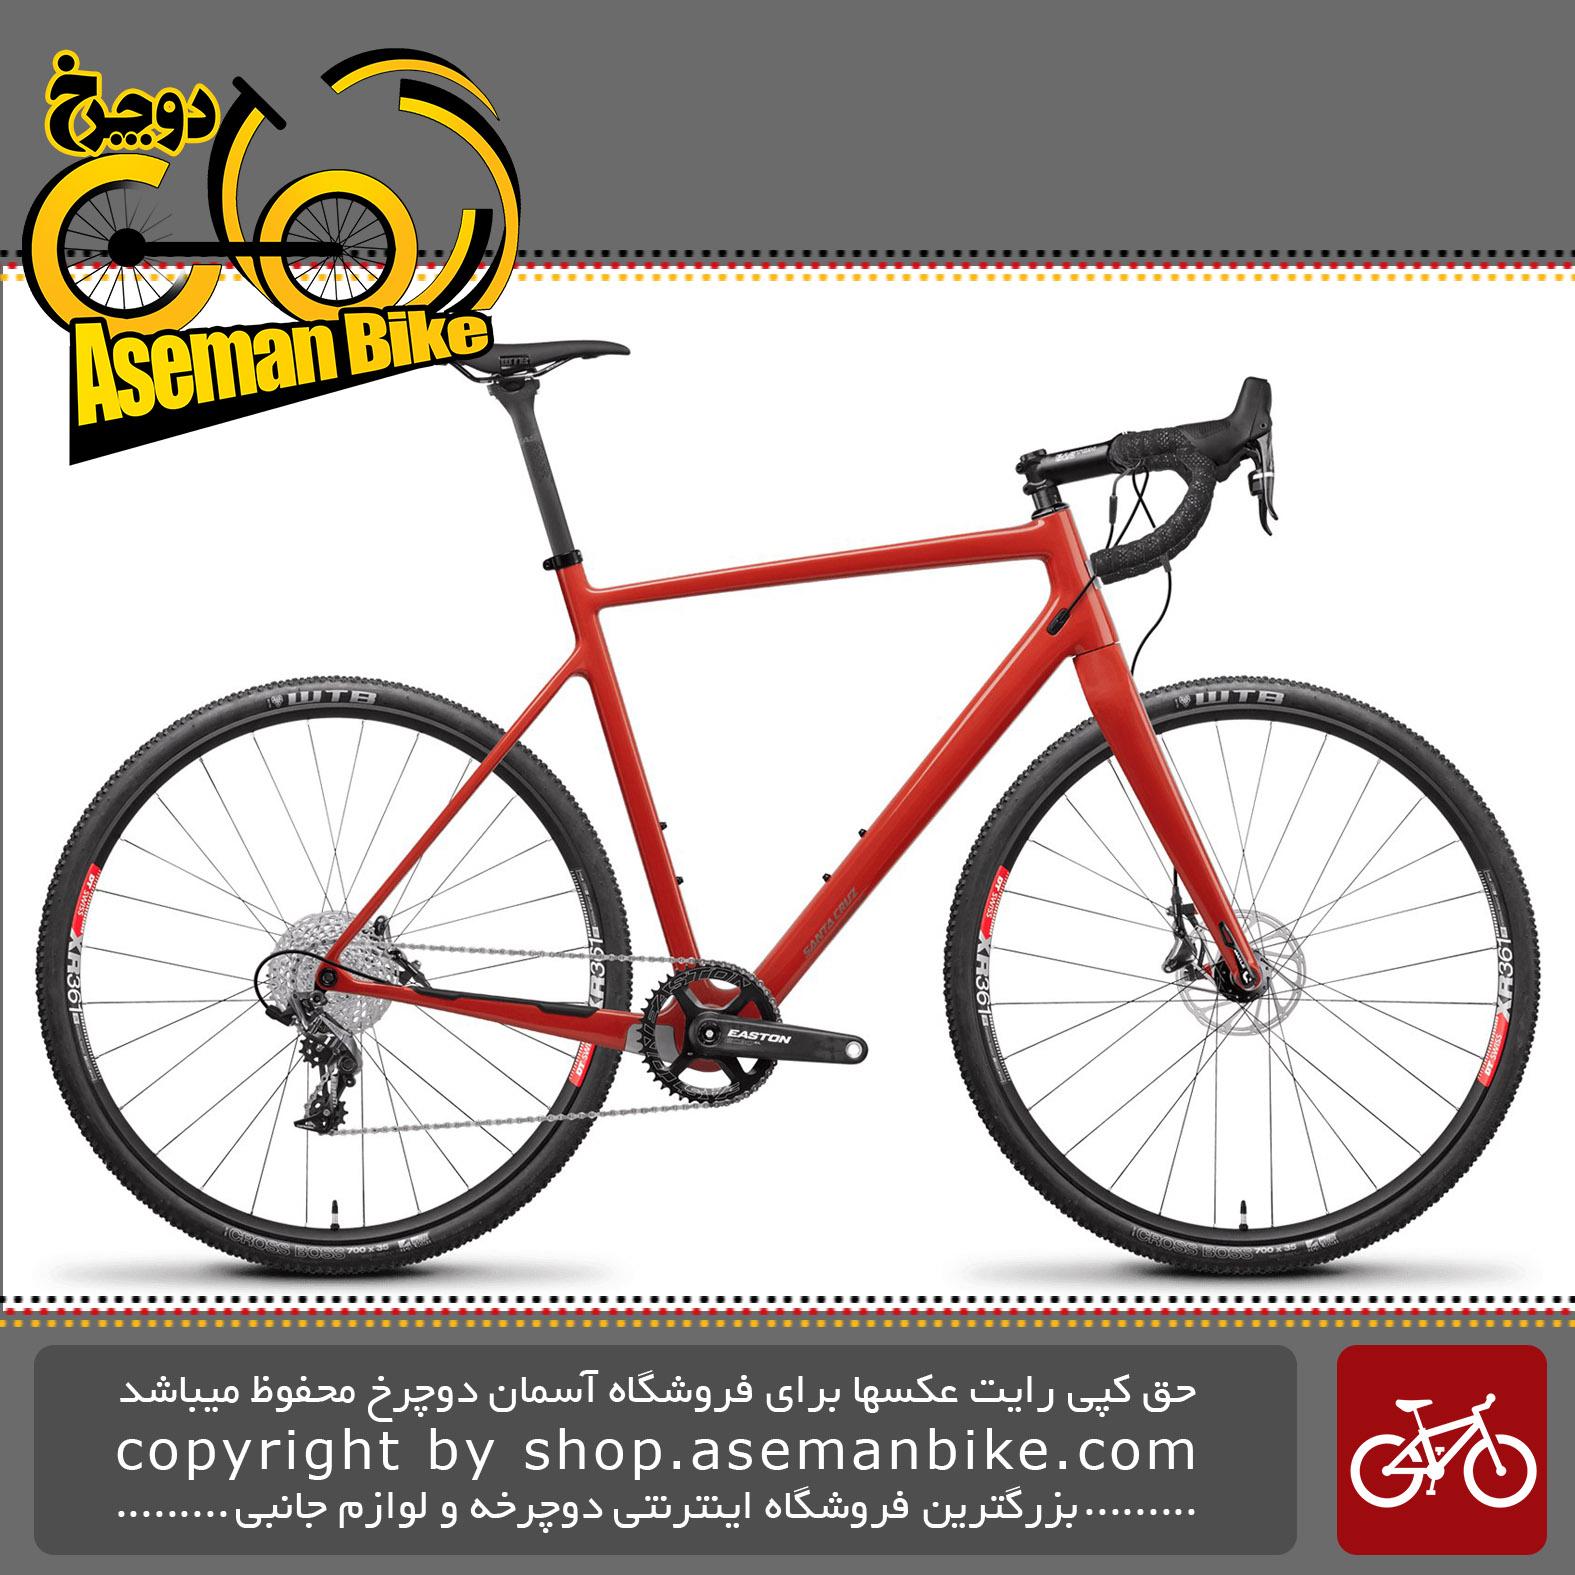 دوچرخه جاده سانتاکروز استیگماتا 2.1 کربن 2018 Santa Cruz STIGMATA 2.1 CARBON CC CX1 Cyclocross Bike - 2018